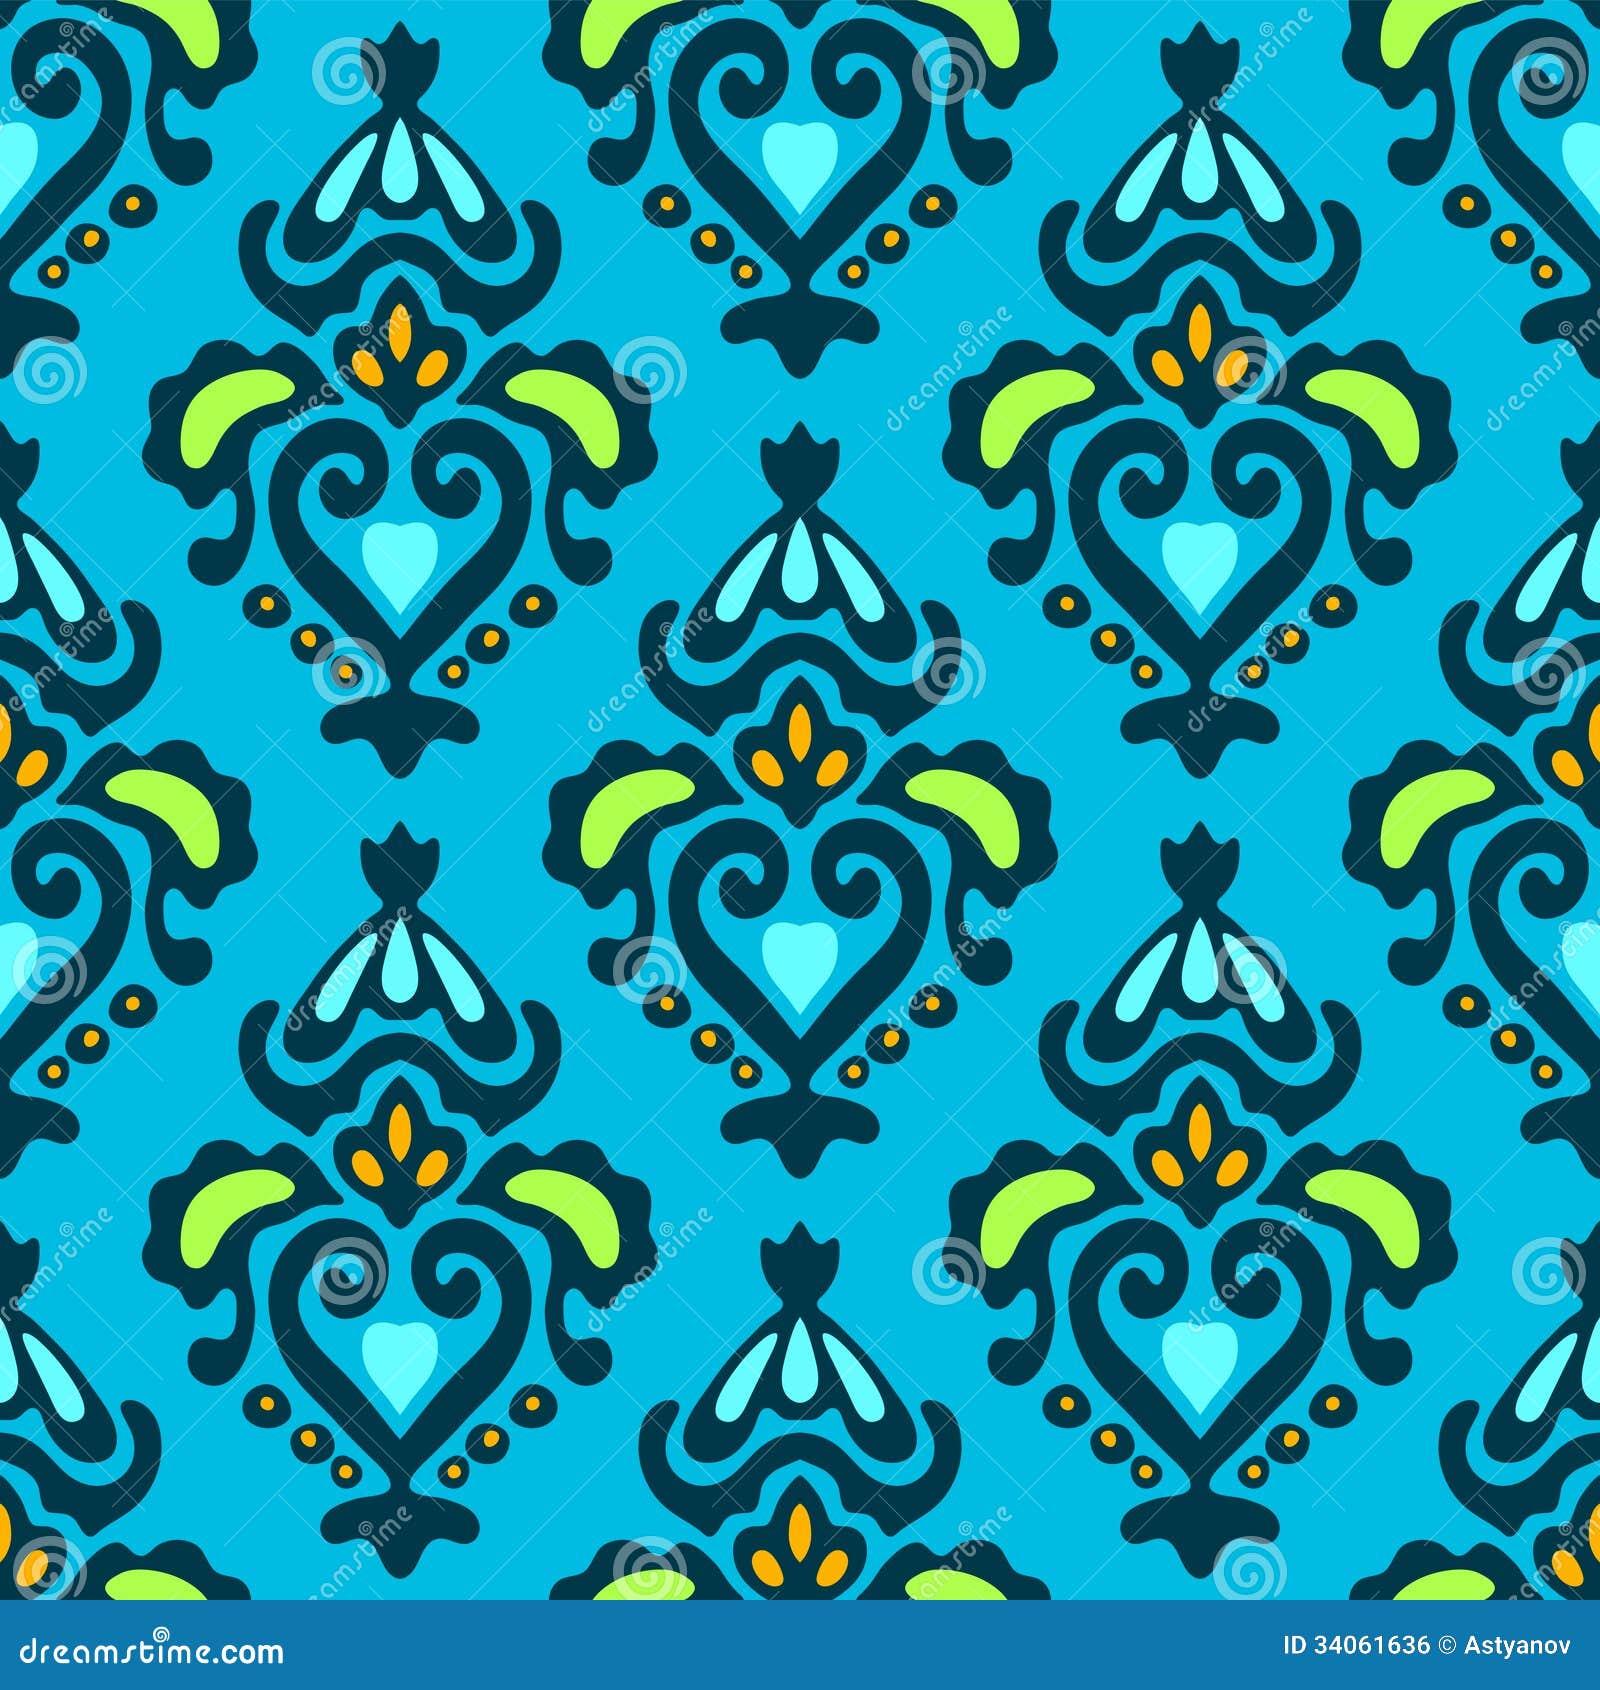 pattern royalty background patterns - photo #13